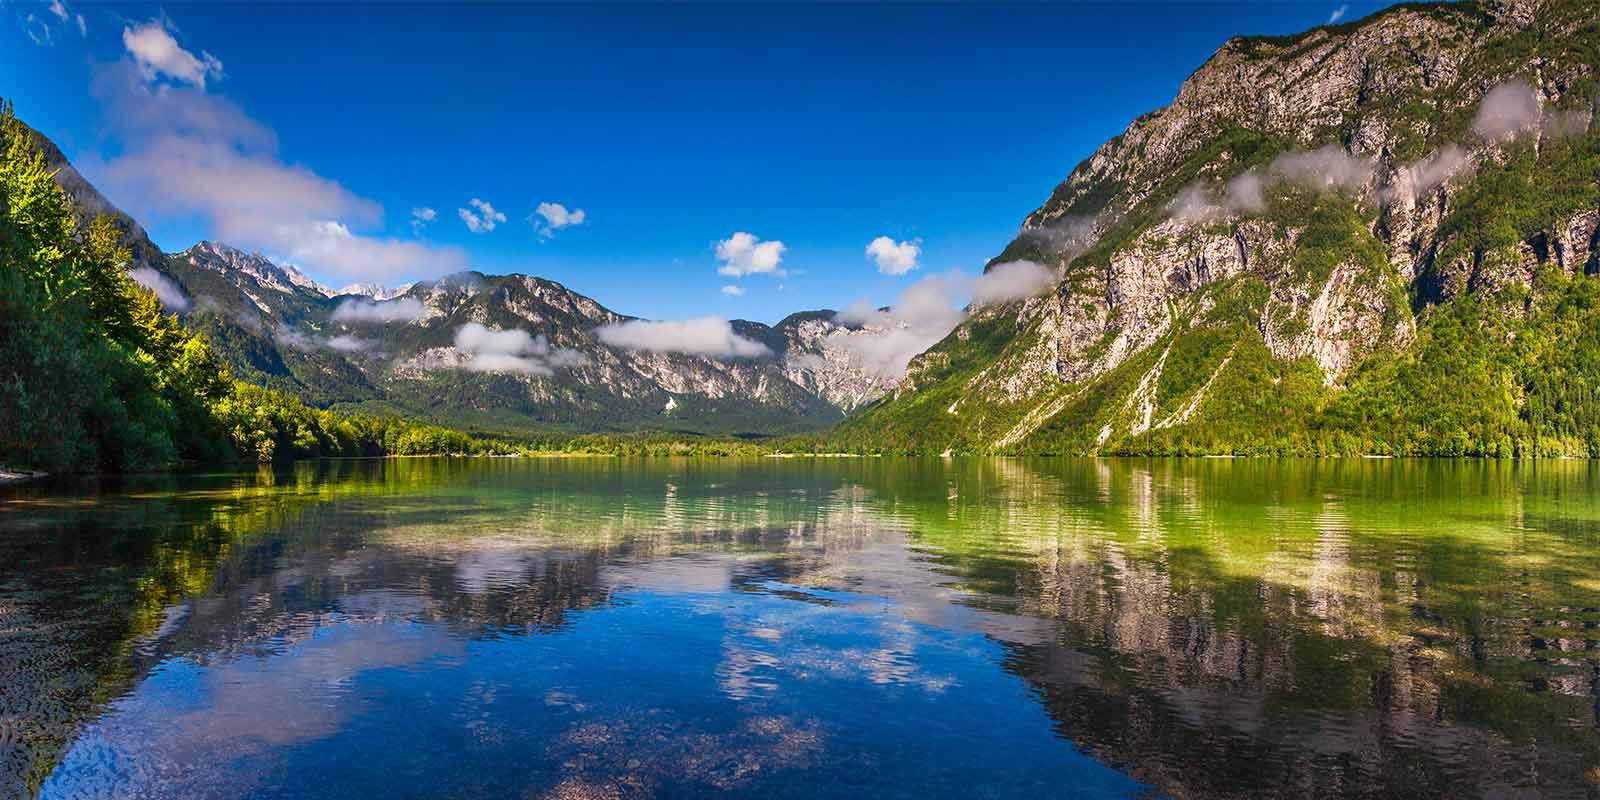 Bohinj Lake in Triglav National Park in Slovenia